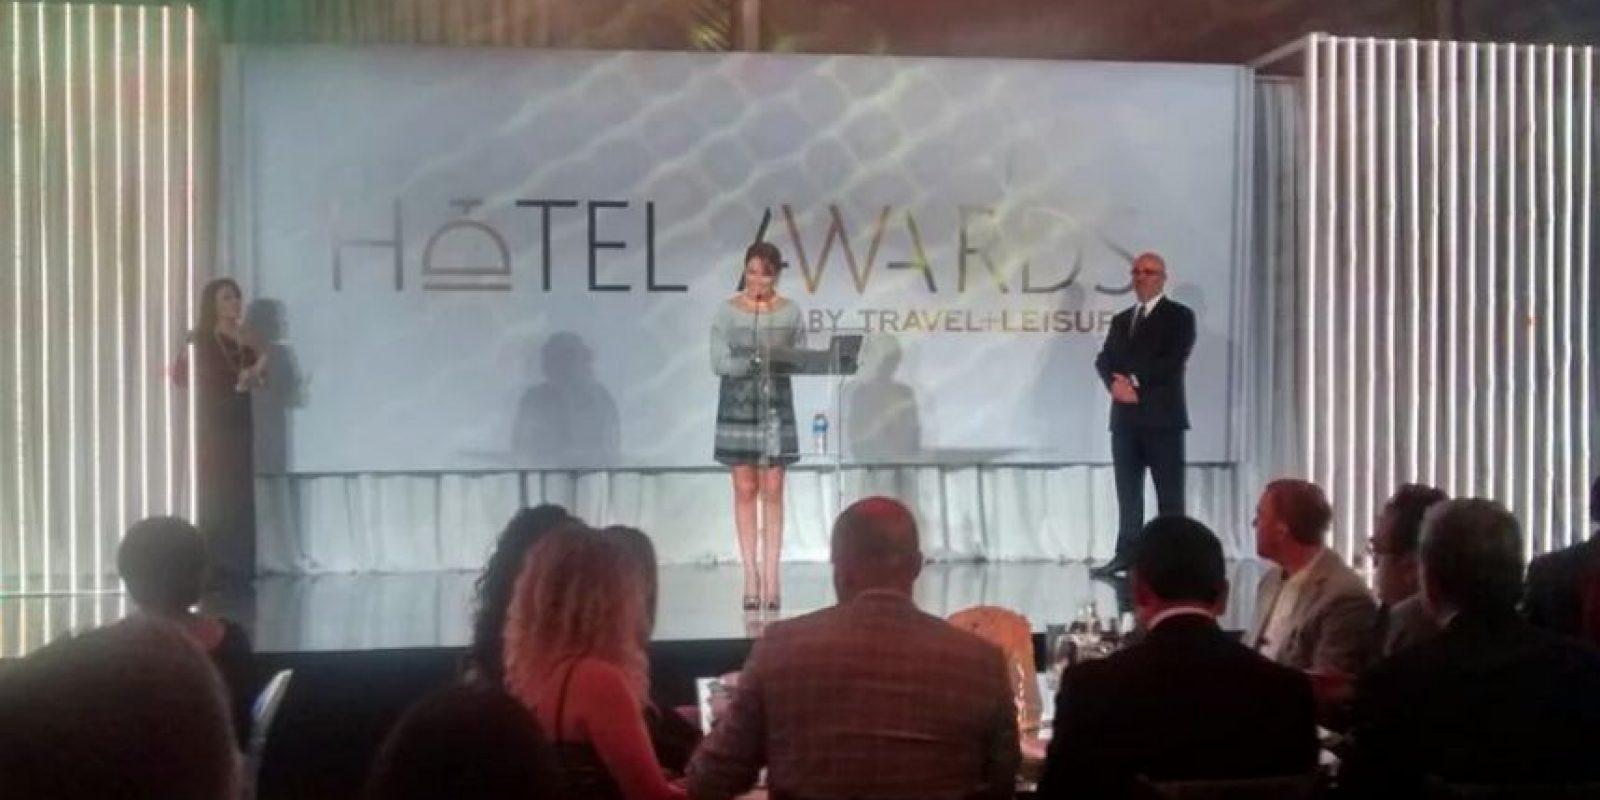 #ConLaMaletaEnMano fue la campaña digital con la que se promocionó la ceremonia. Foto:Especial. Imagen Por: